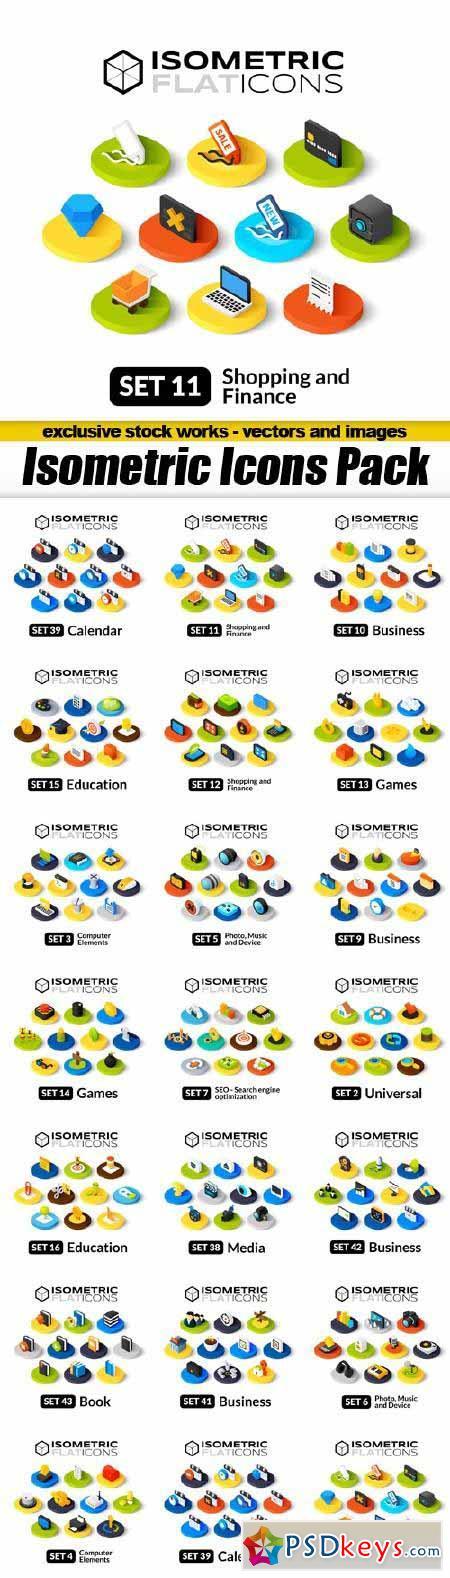 Isometric Flat Icons - 20x EPS